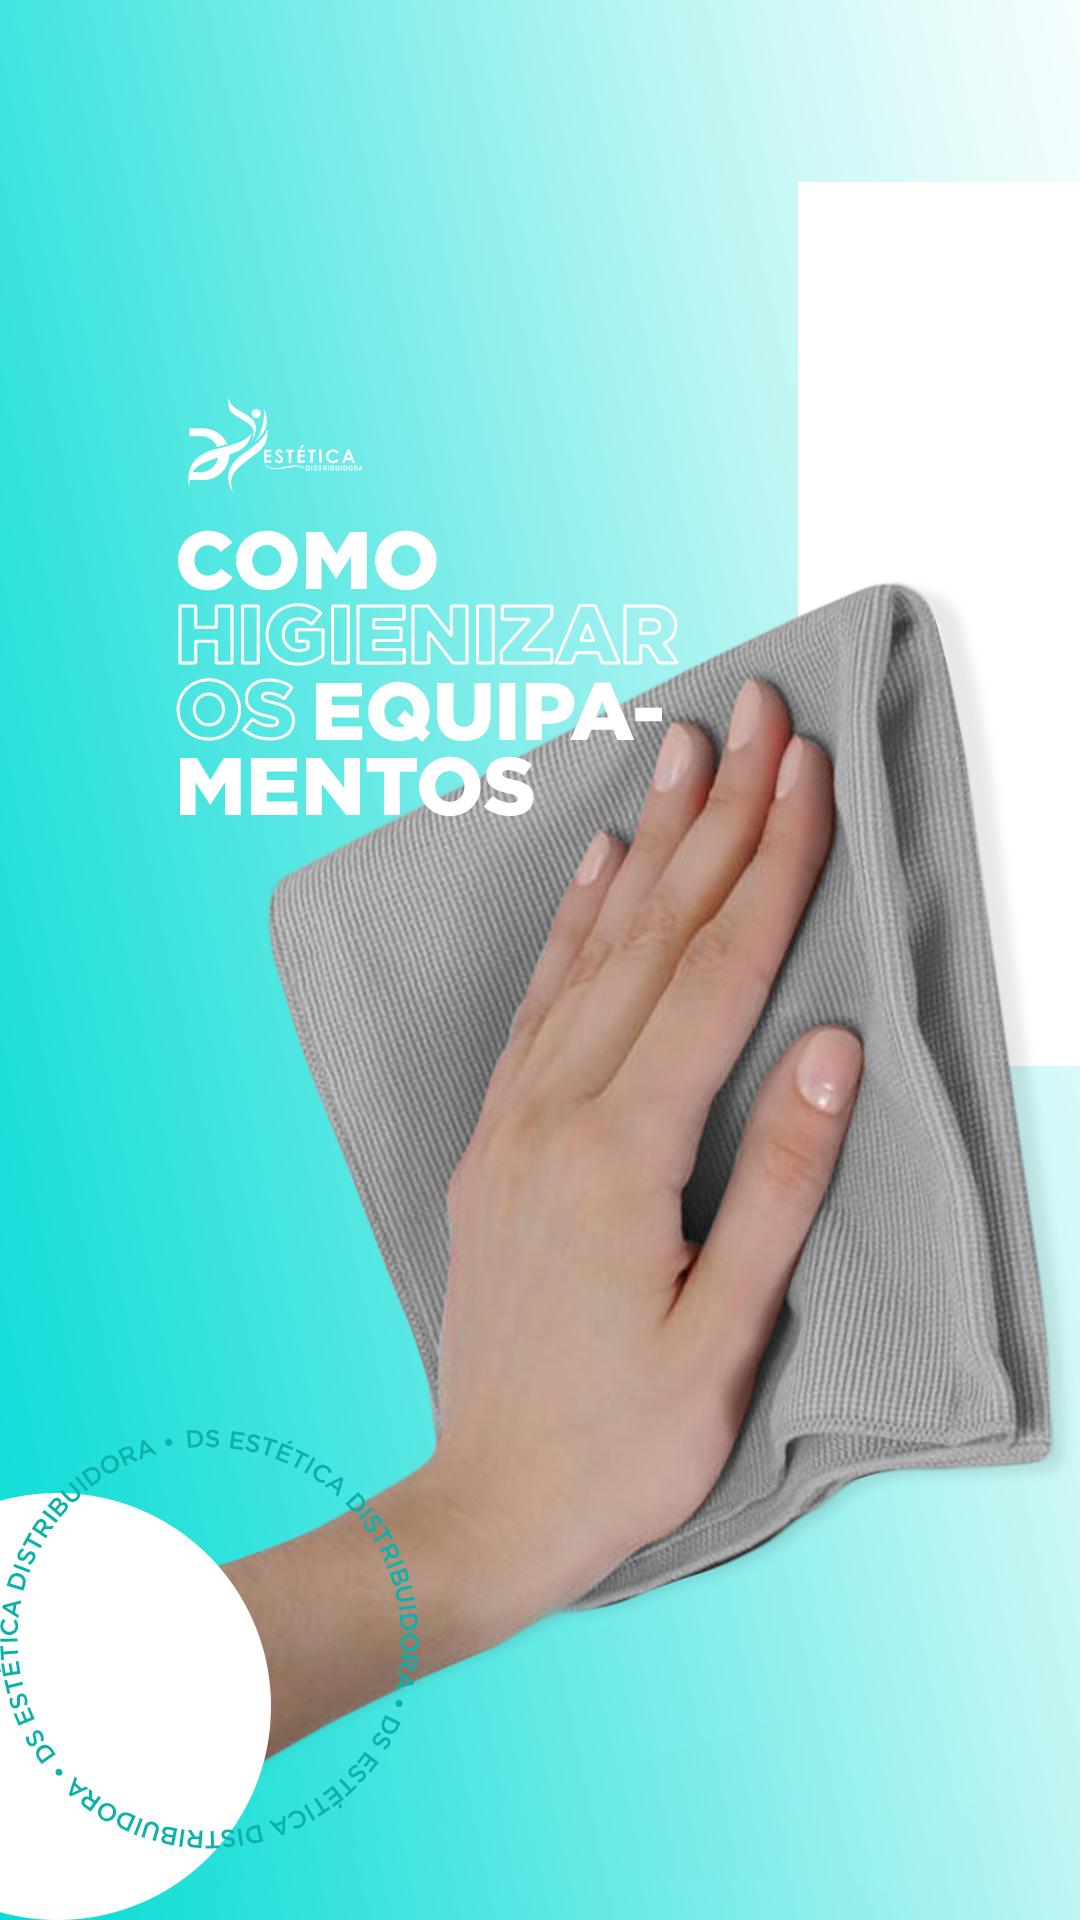 higienizar_dtories